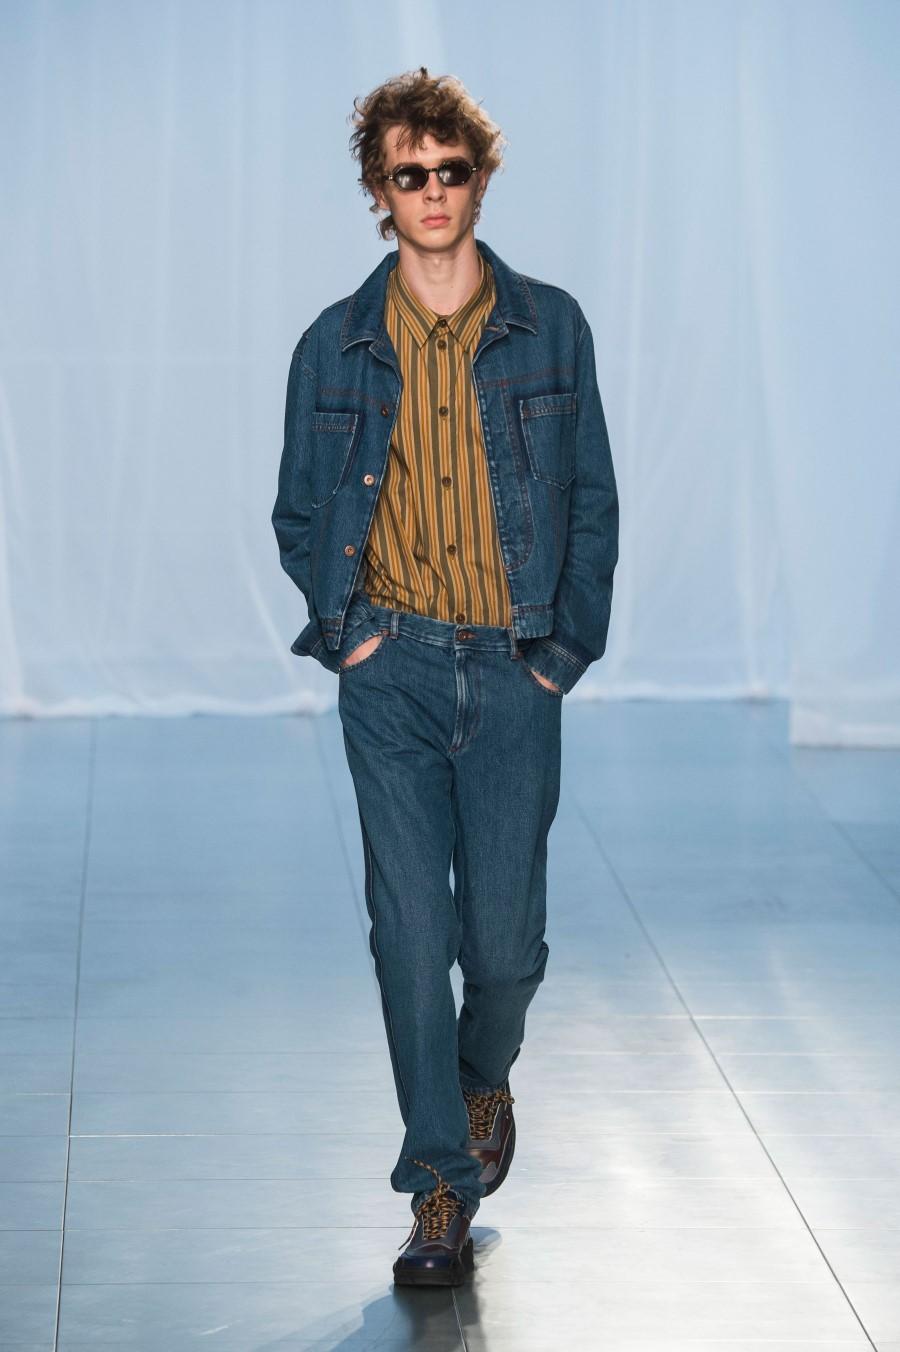 QASIMI Printemps/Été 2019 - London Fashion Week Men's